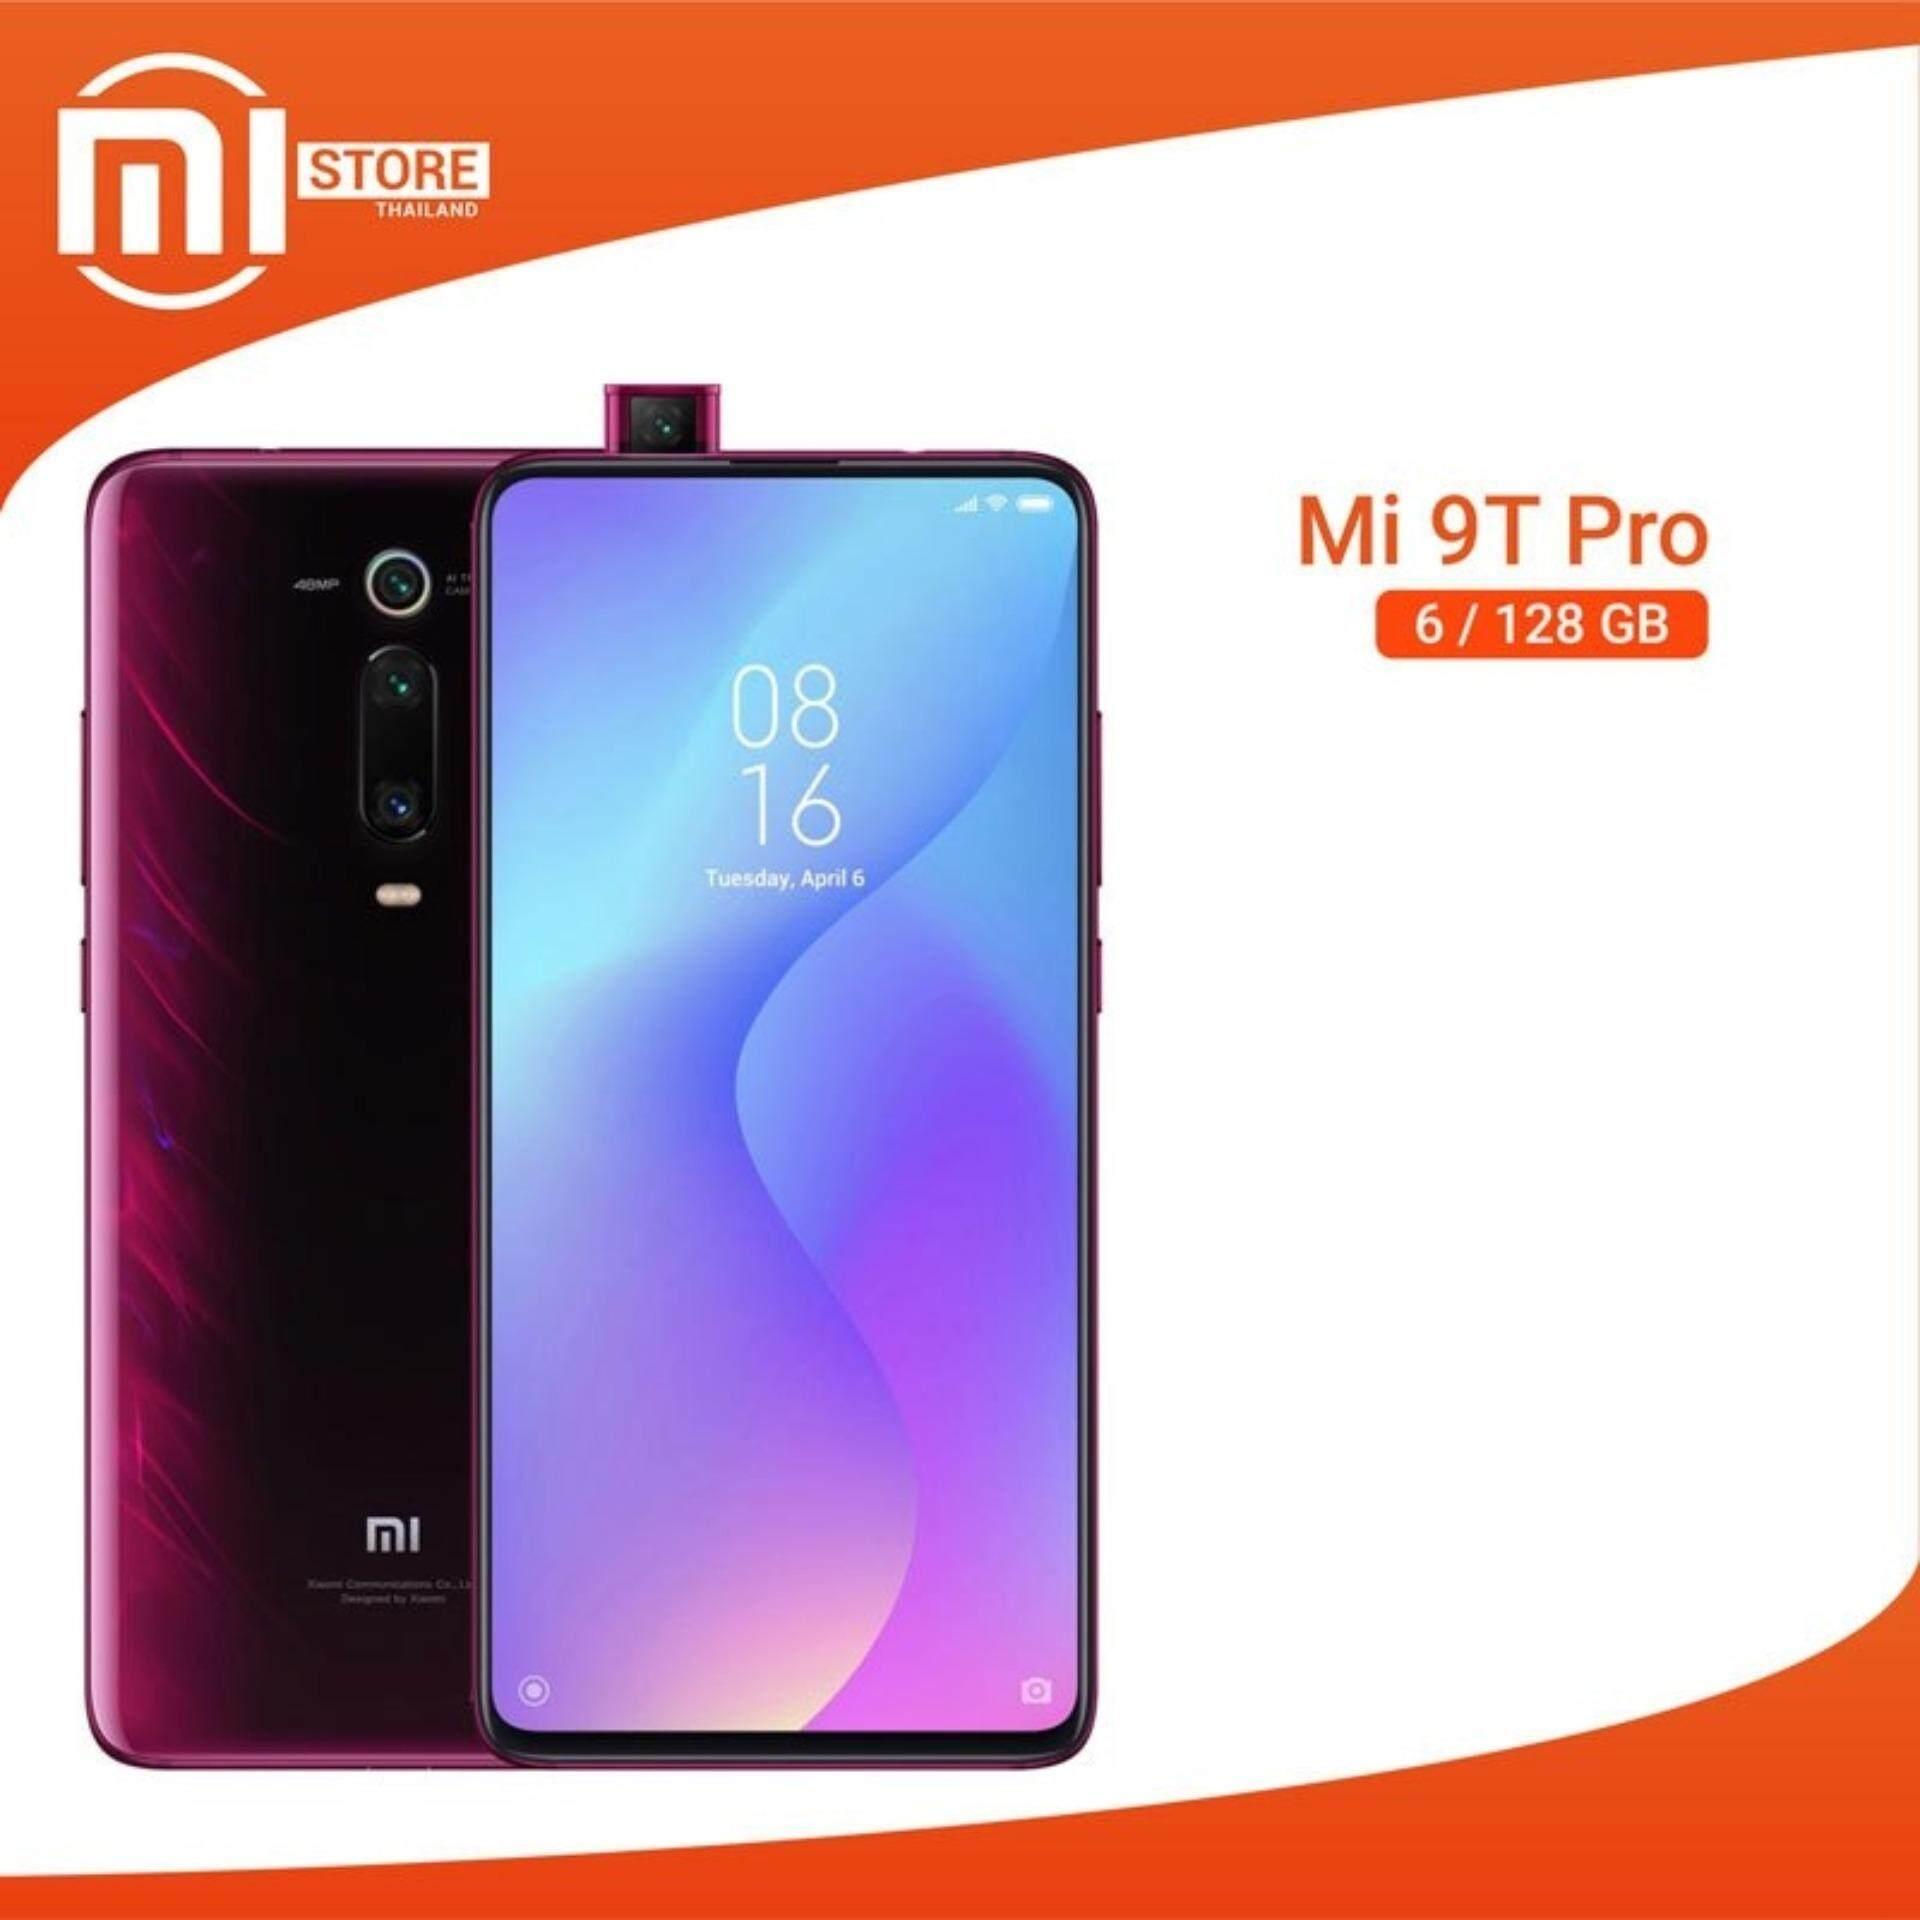 ยี่ห้อนี้ดีไหม  นครพนม Xiaomi Mi 9T Pro